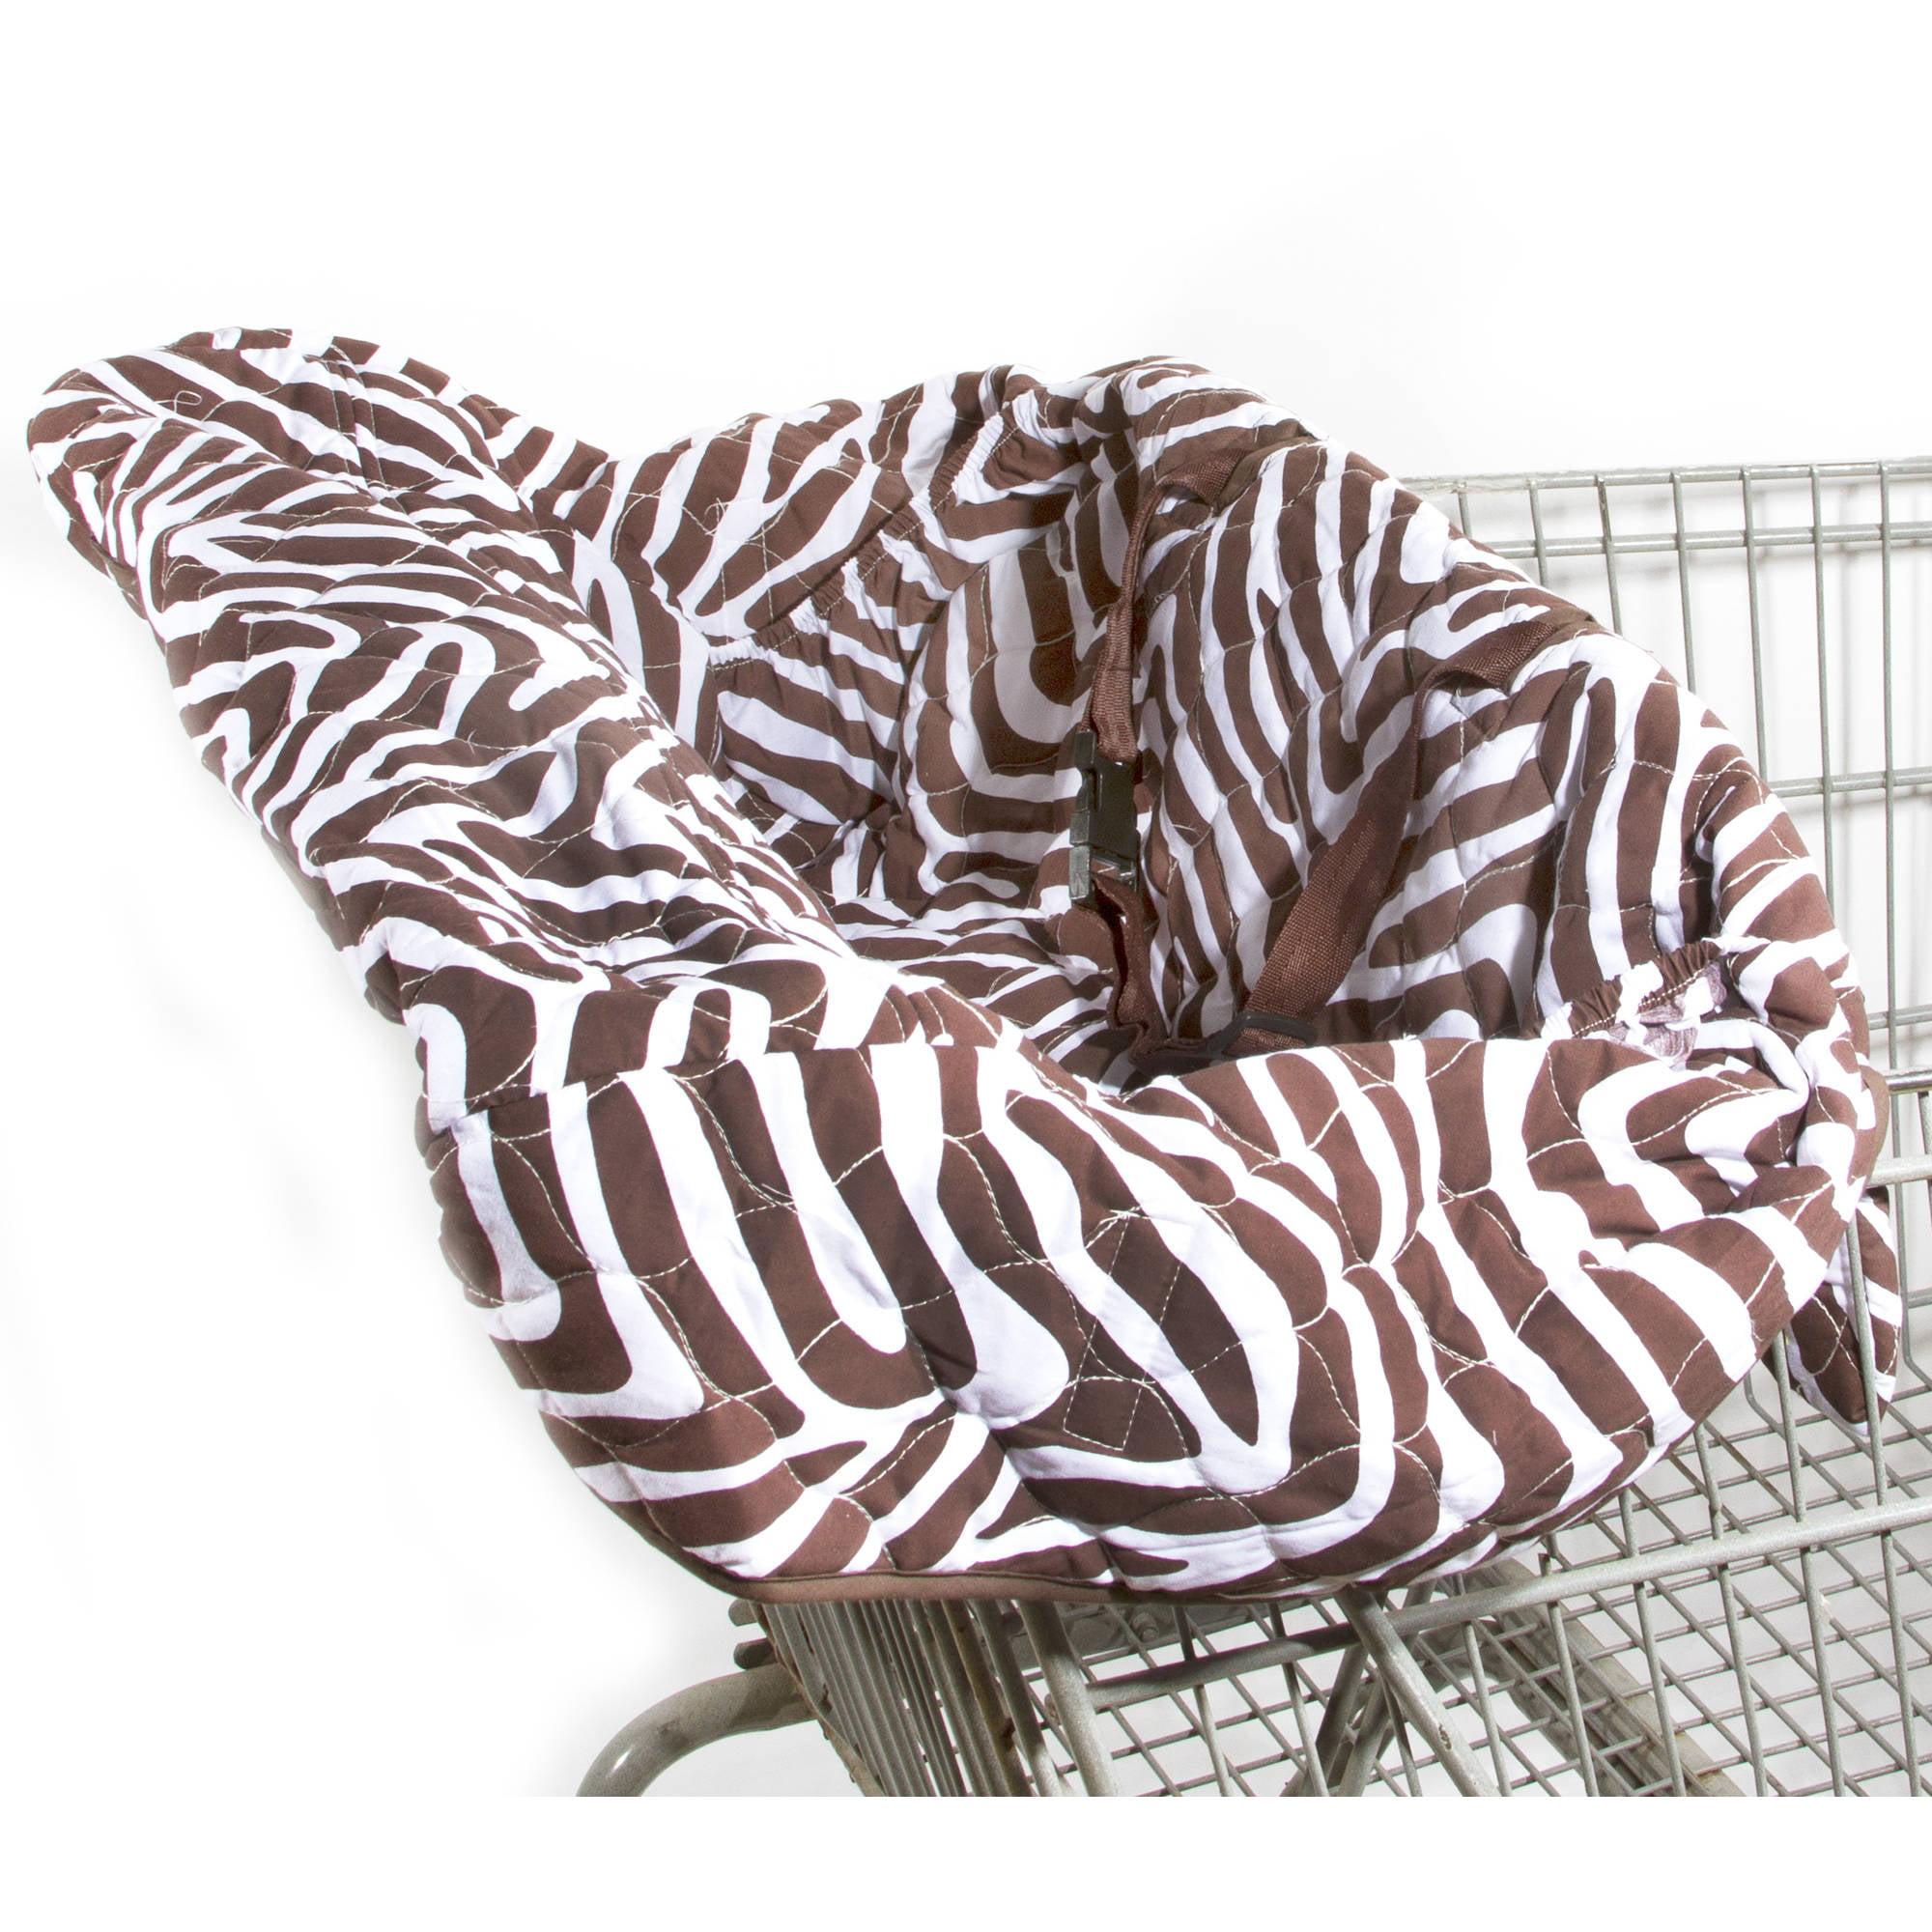 Zara Zebra Grocery Cart Covers